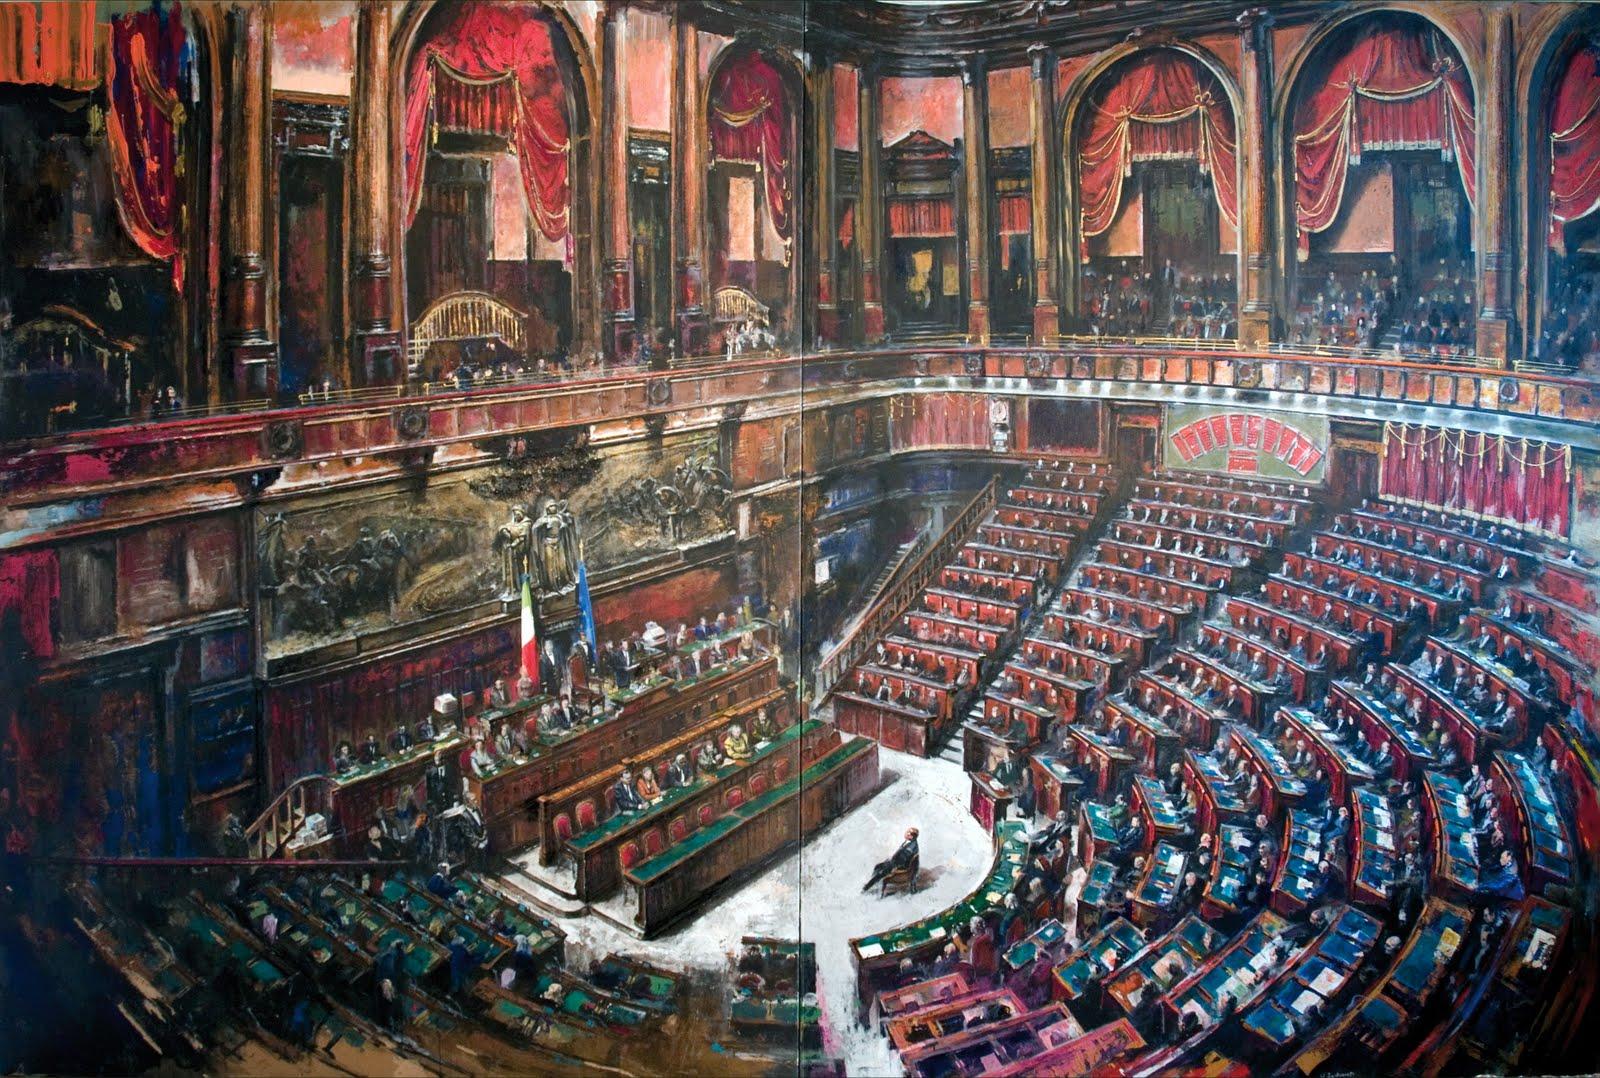 Dipinti di francesco santosuosso parlamento dipinto for Votazioni parlamento oggi